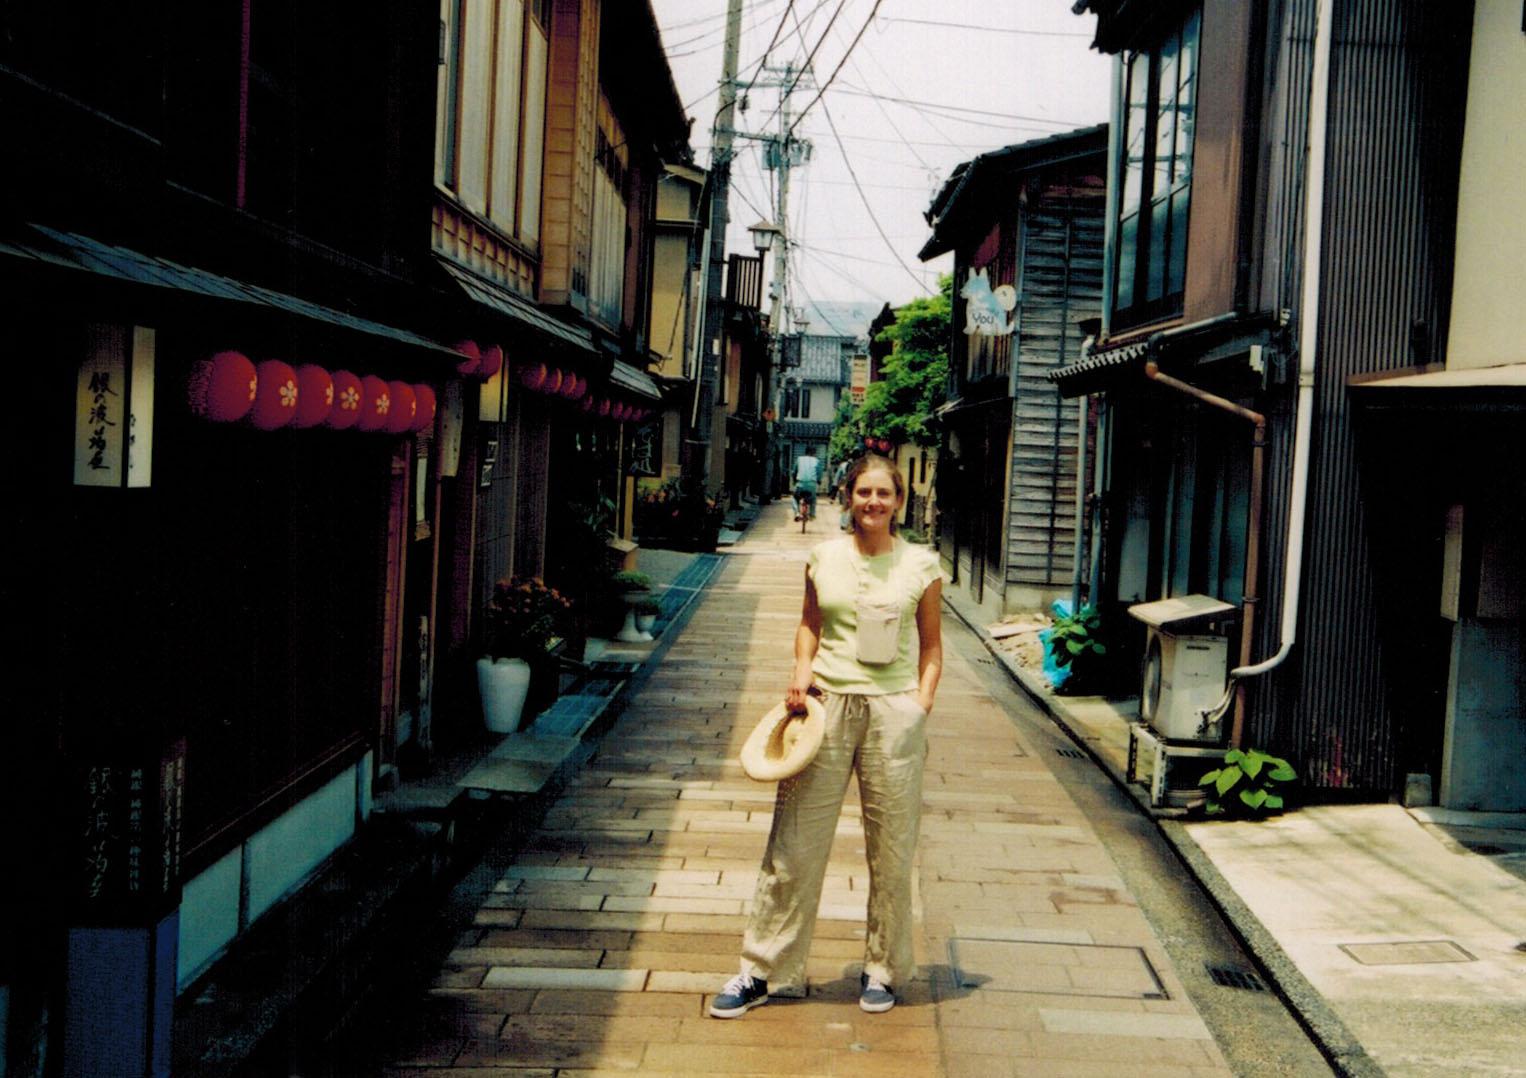 Christi in Kyoto Japan